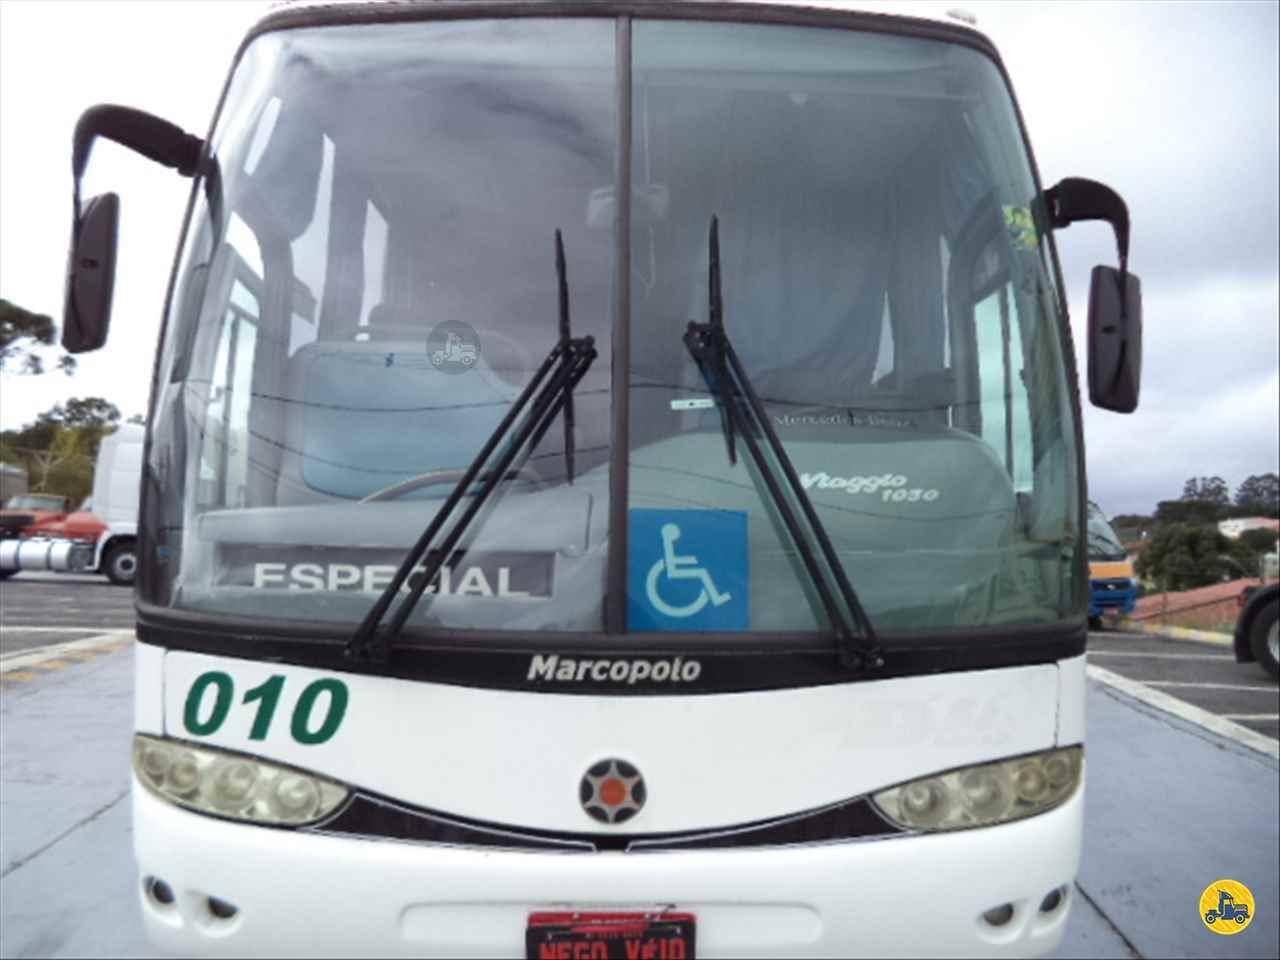 MARCOPOLO Viaggio G6 650000km 2006/2006 Nego Véio Caminhões e Ônibus